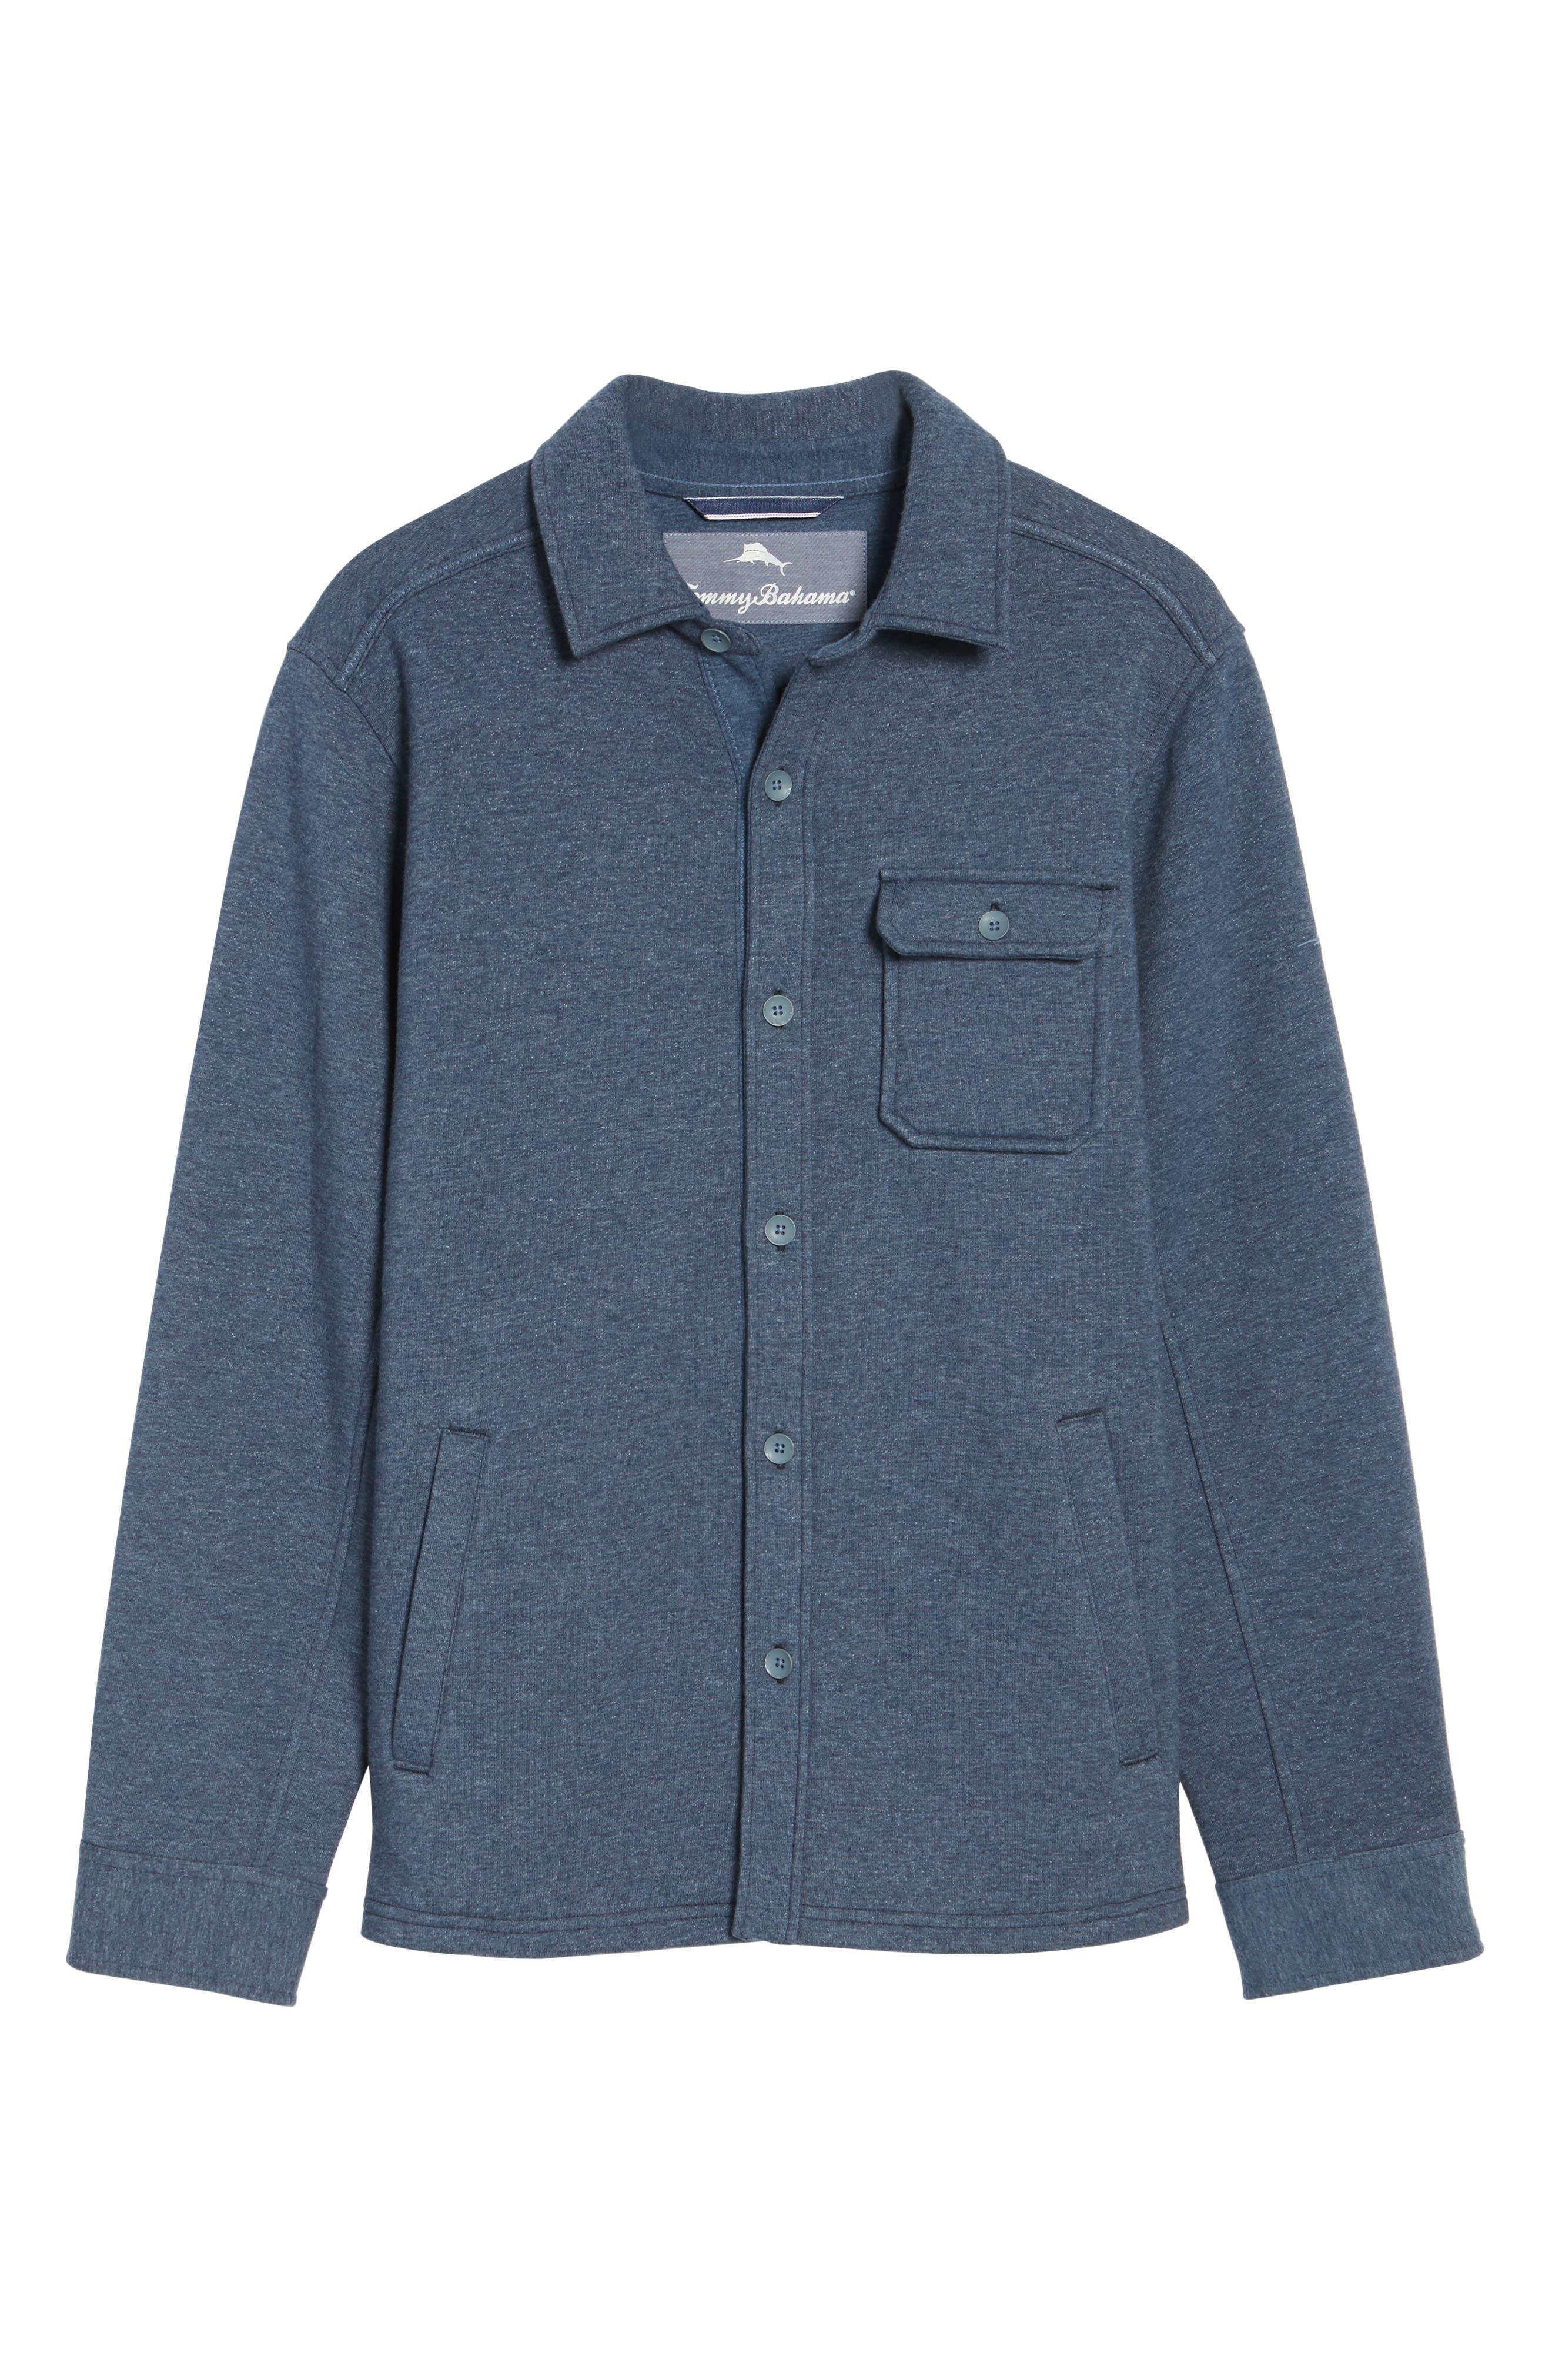 Oceanside Woven Shirt,                             Alternate thumbnail 32, color,